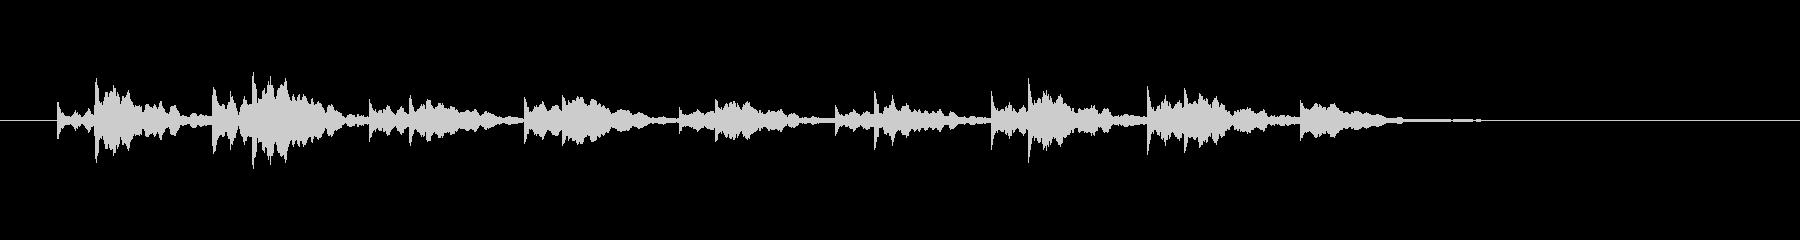 ドラムススローヒッツ3-ハートビートの未再生の波形